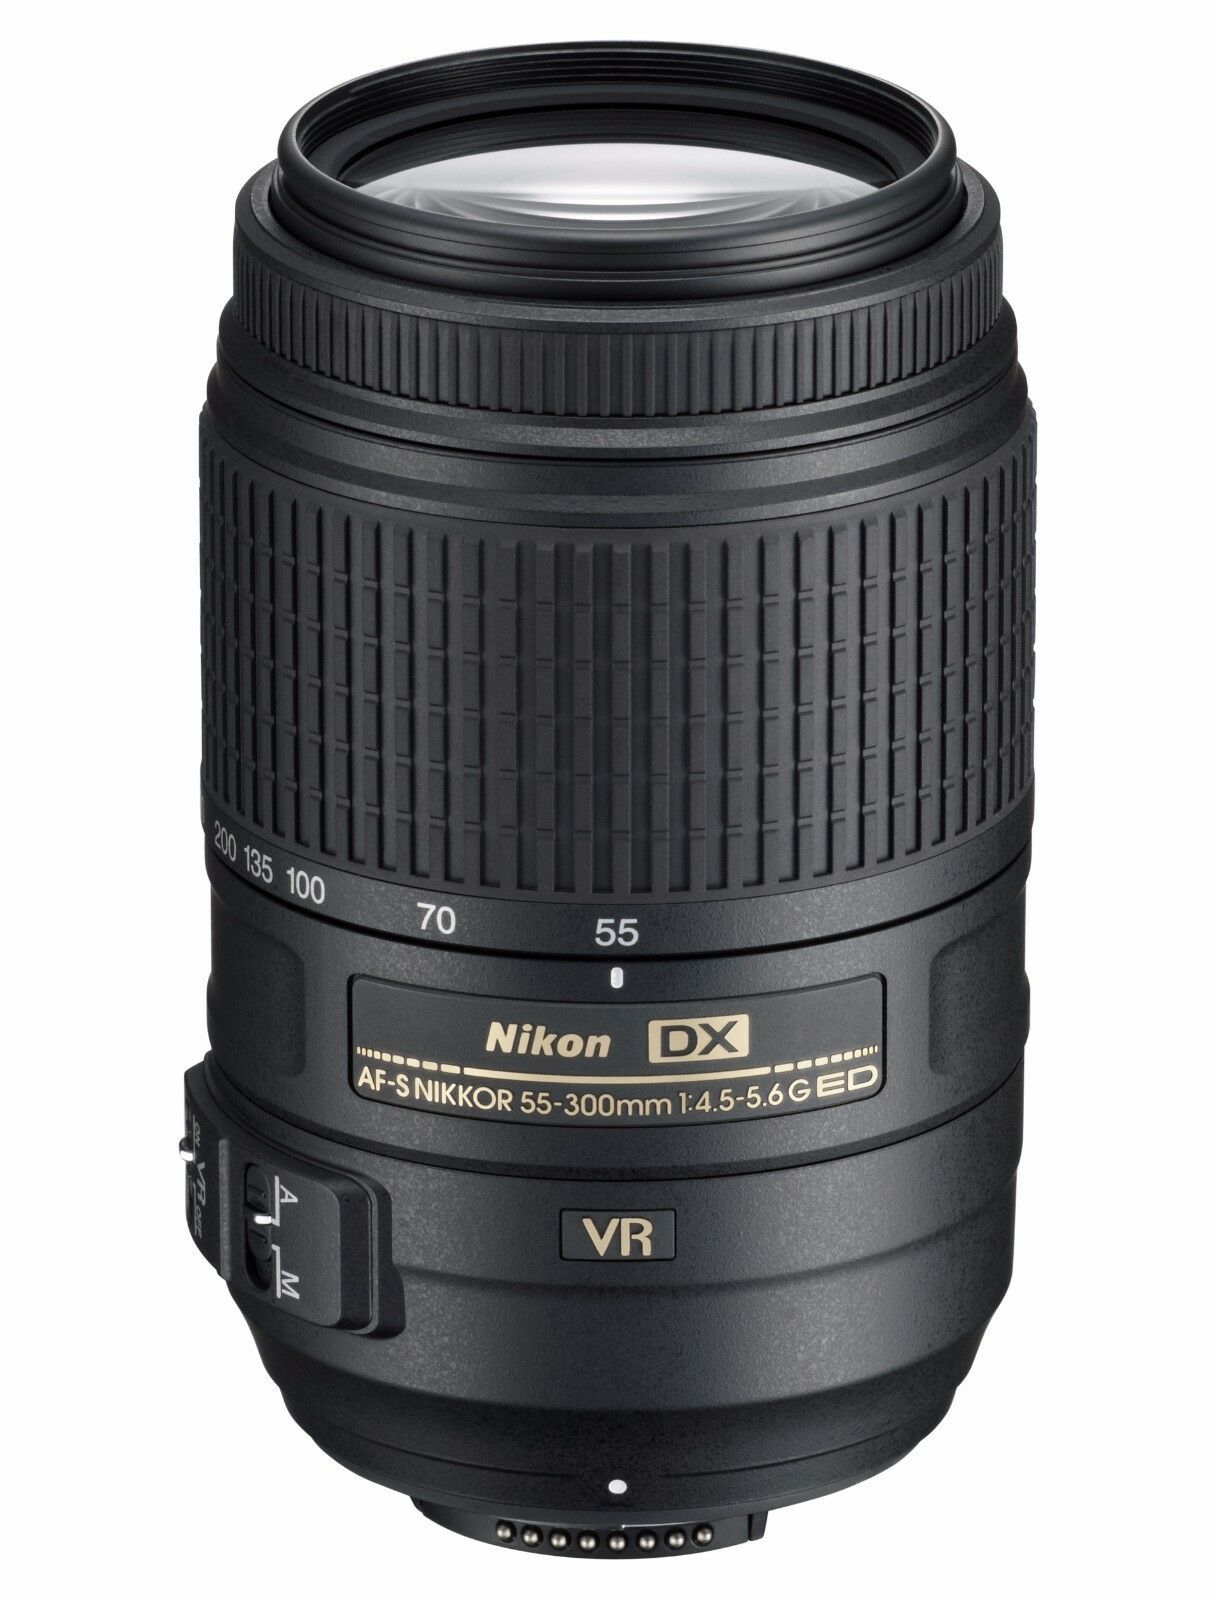 Купить Nikon - Nikon AF-S DX NIKKOR 55-300mm f/4.5-5.6G ED VR *Brand New*